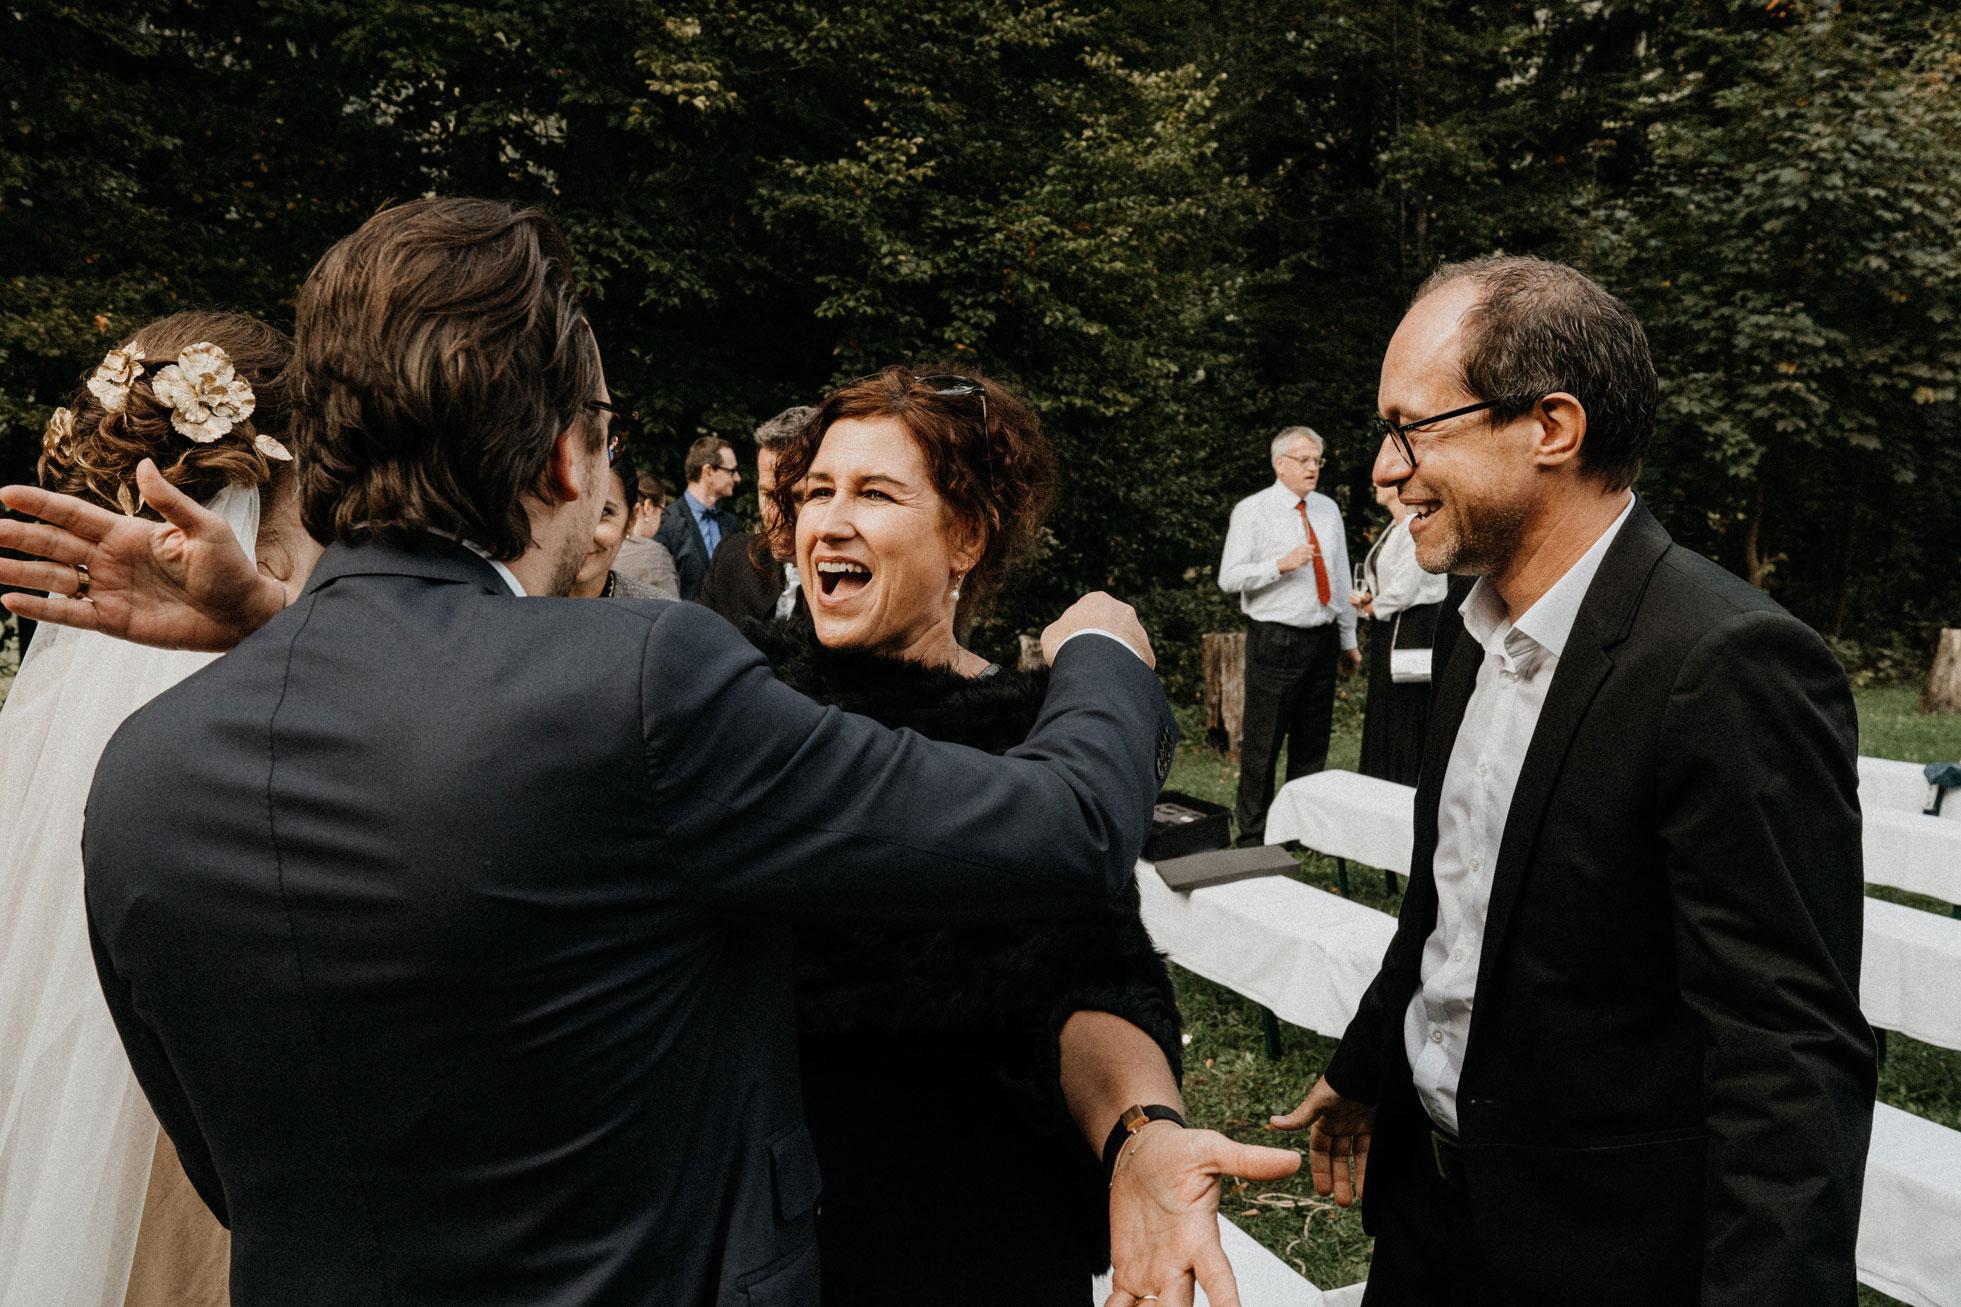 Hochzeit_Claire_Manuel_Villa_Maund_Daniel_Jenny-305.jpg